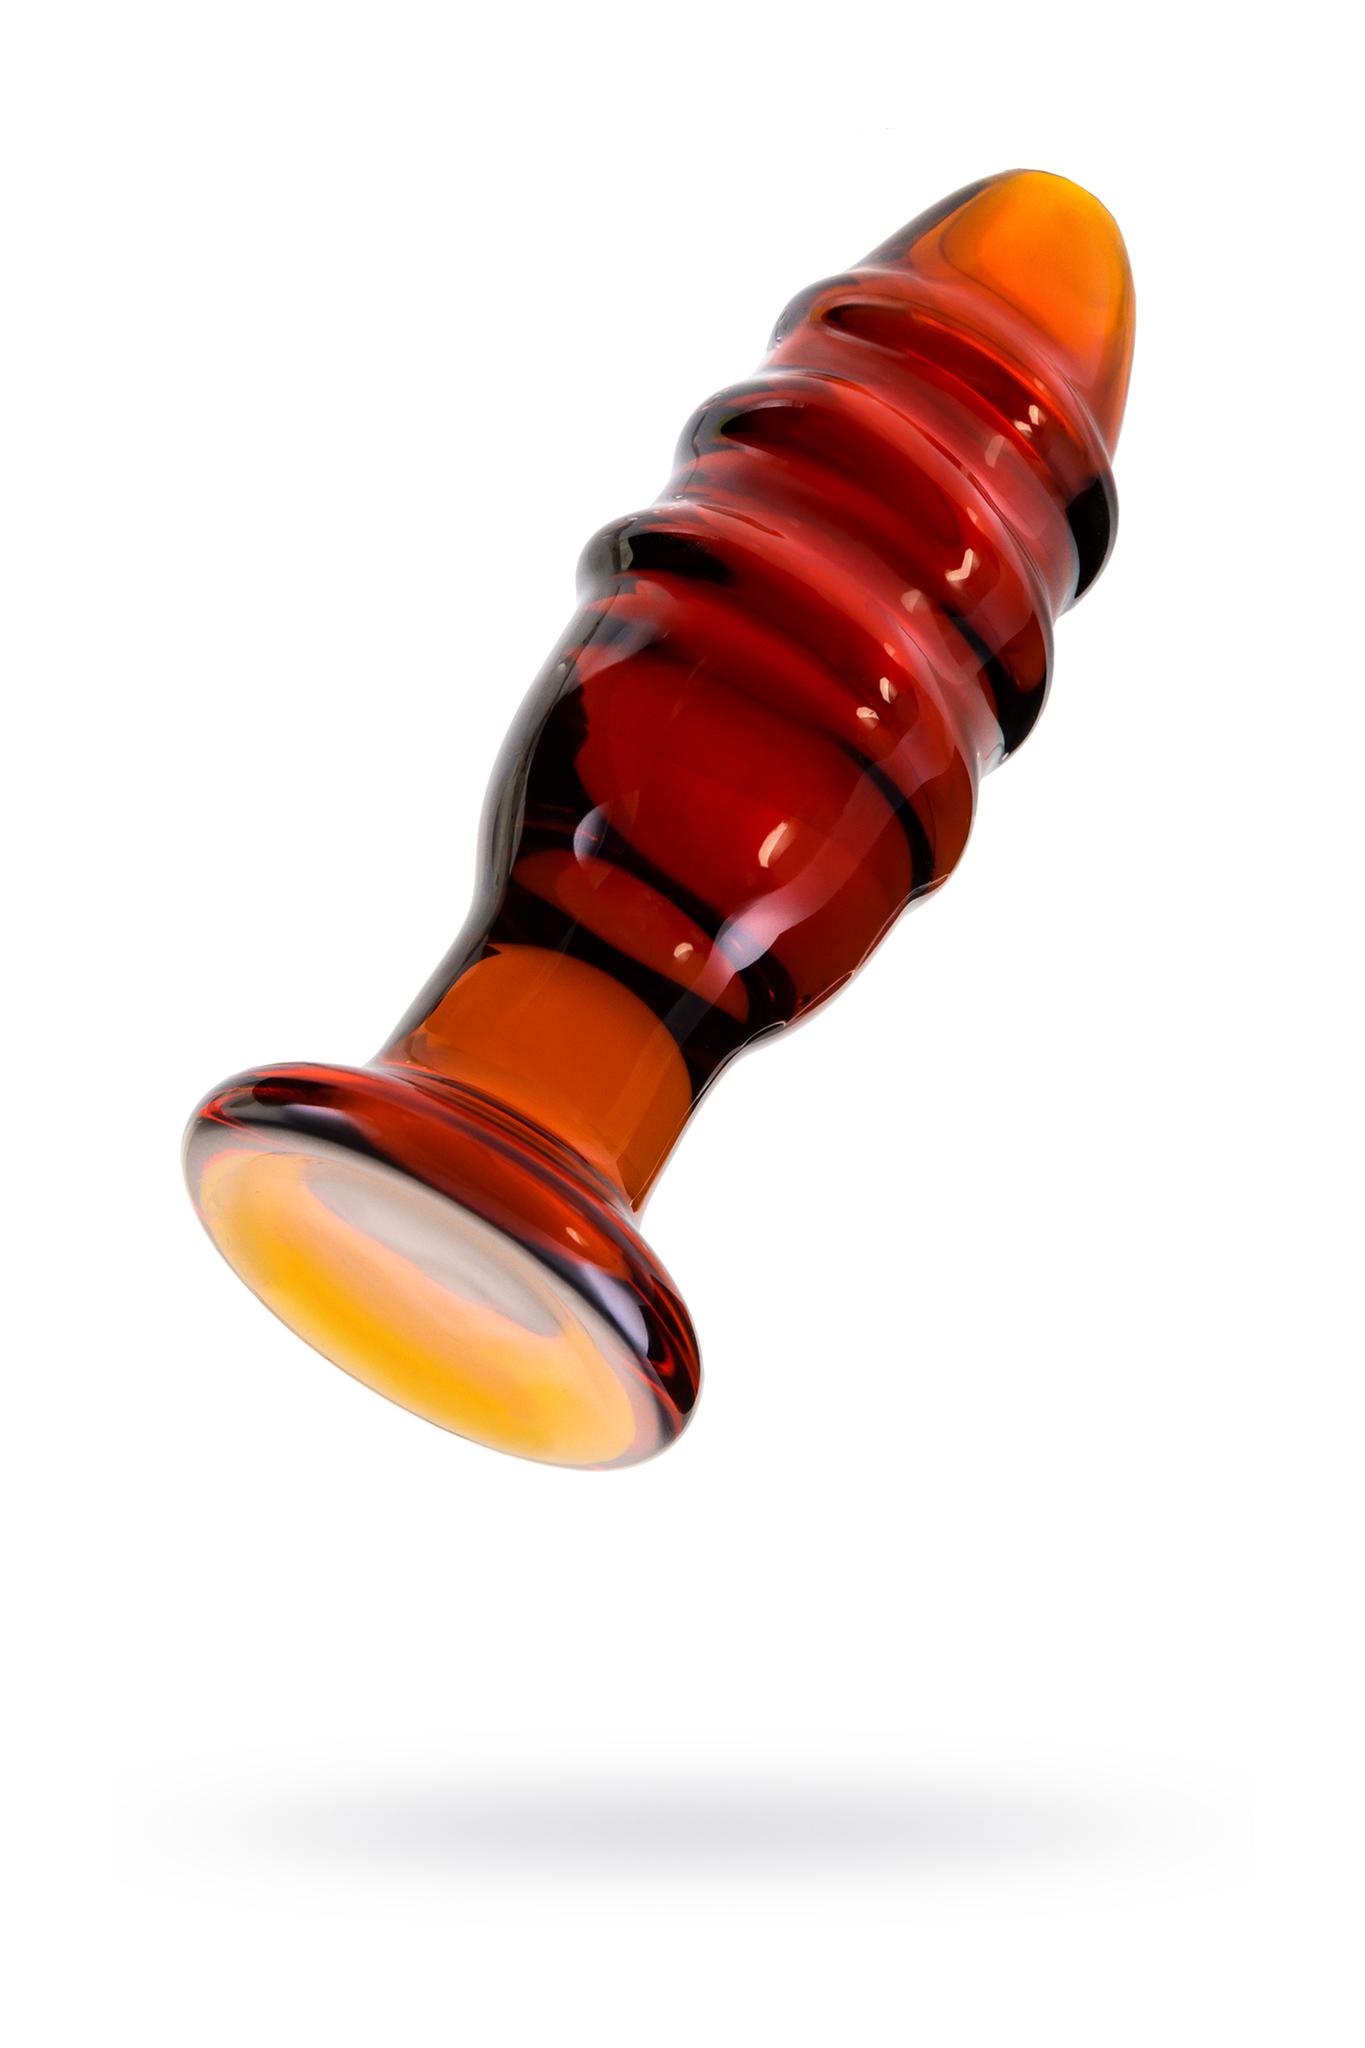 Анальная втулка Sexus Glass, стекло, коричневая, 12,5 см, Ø 4 см фото